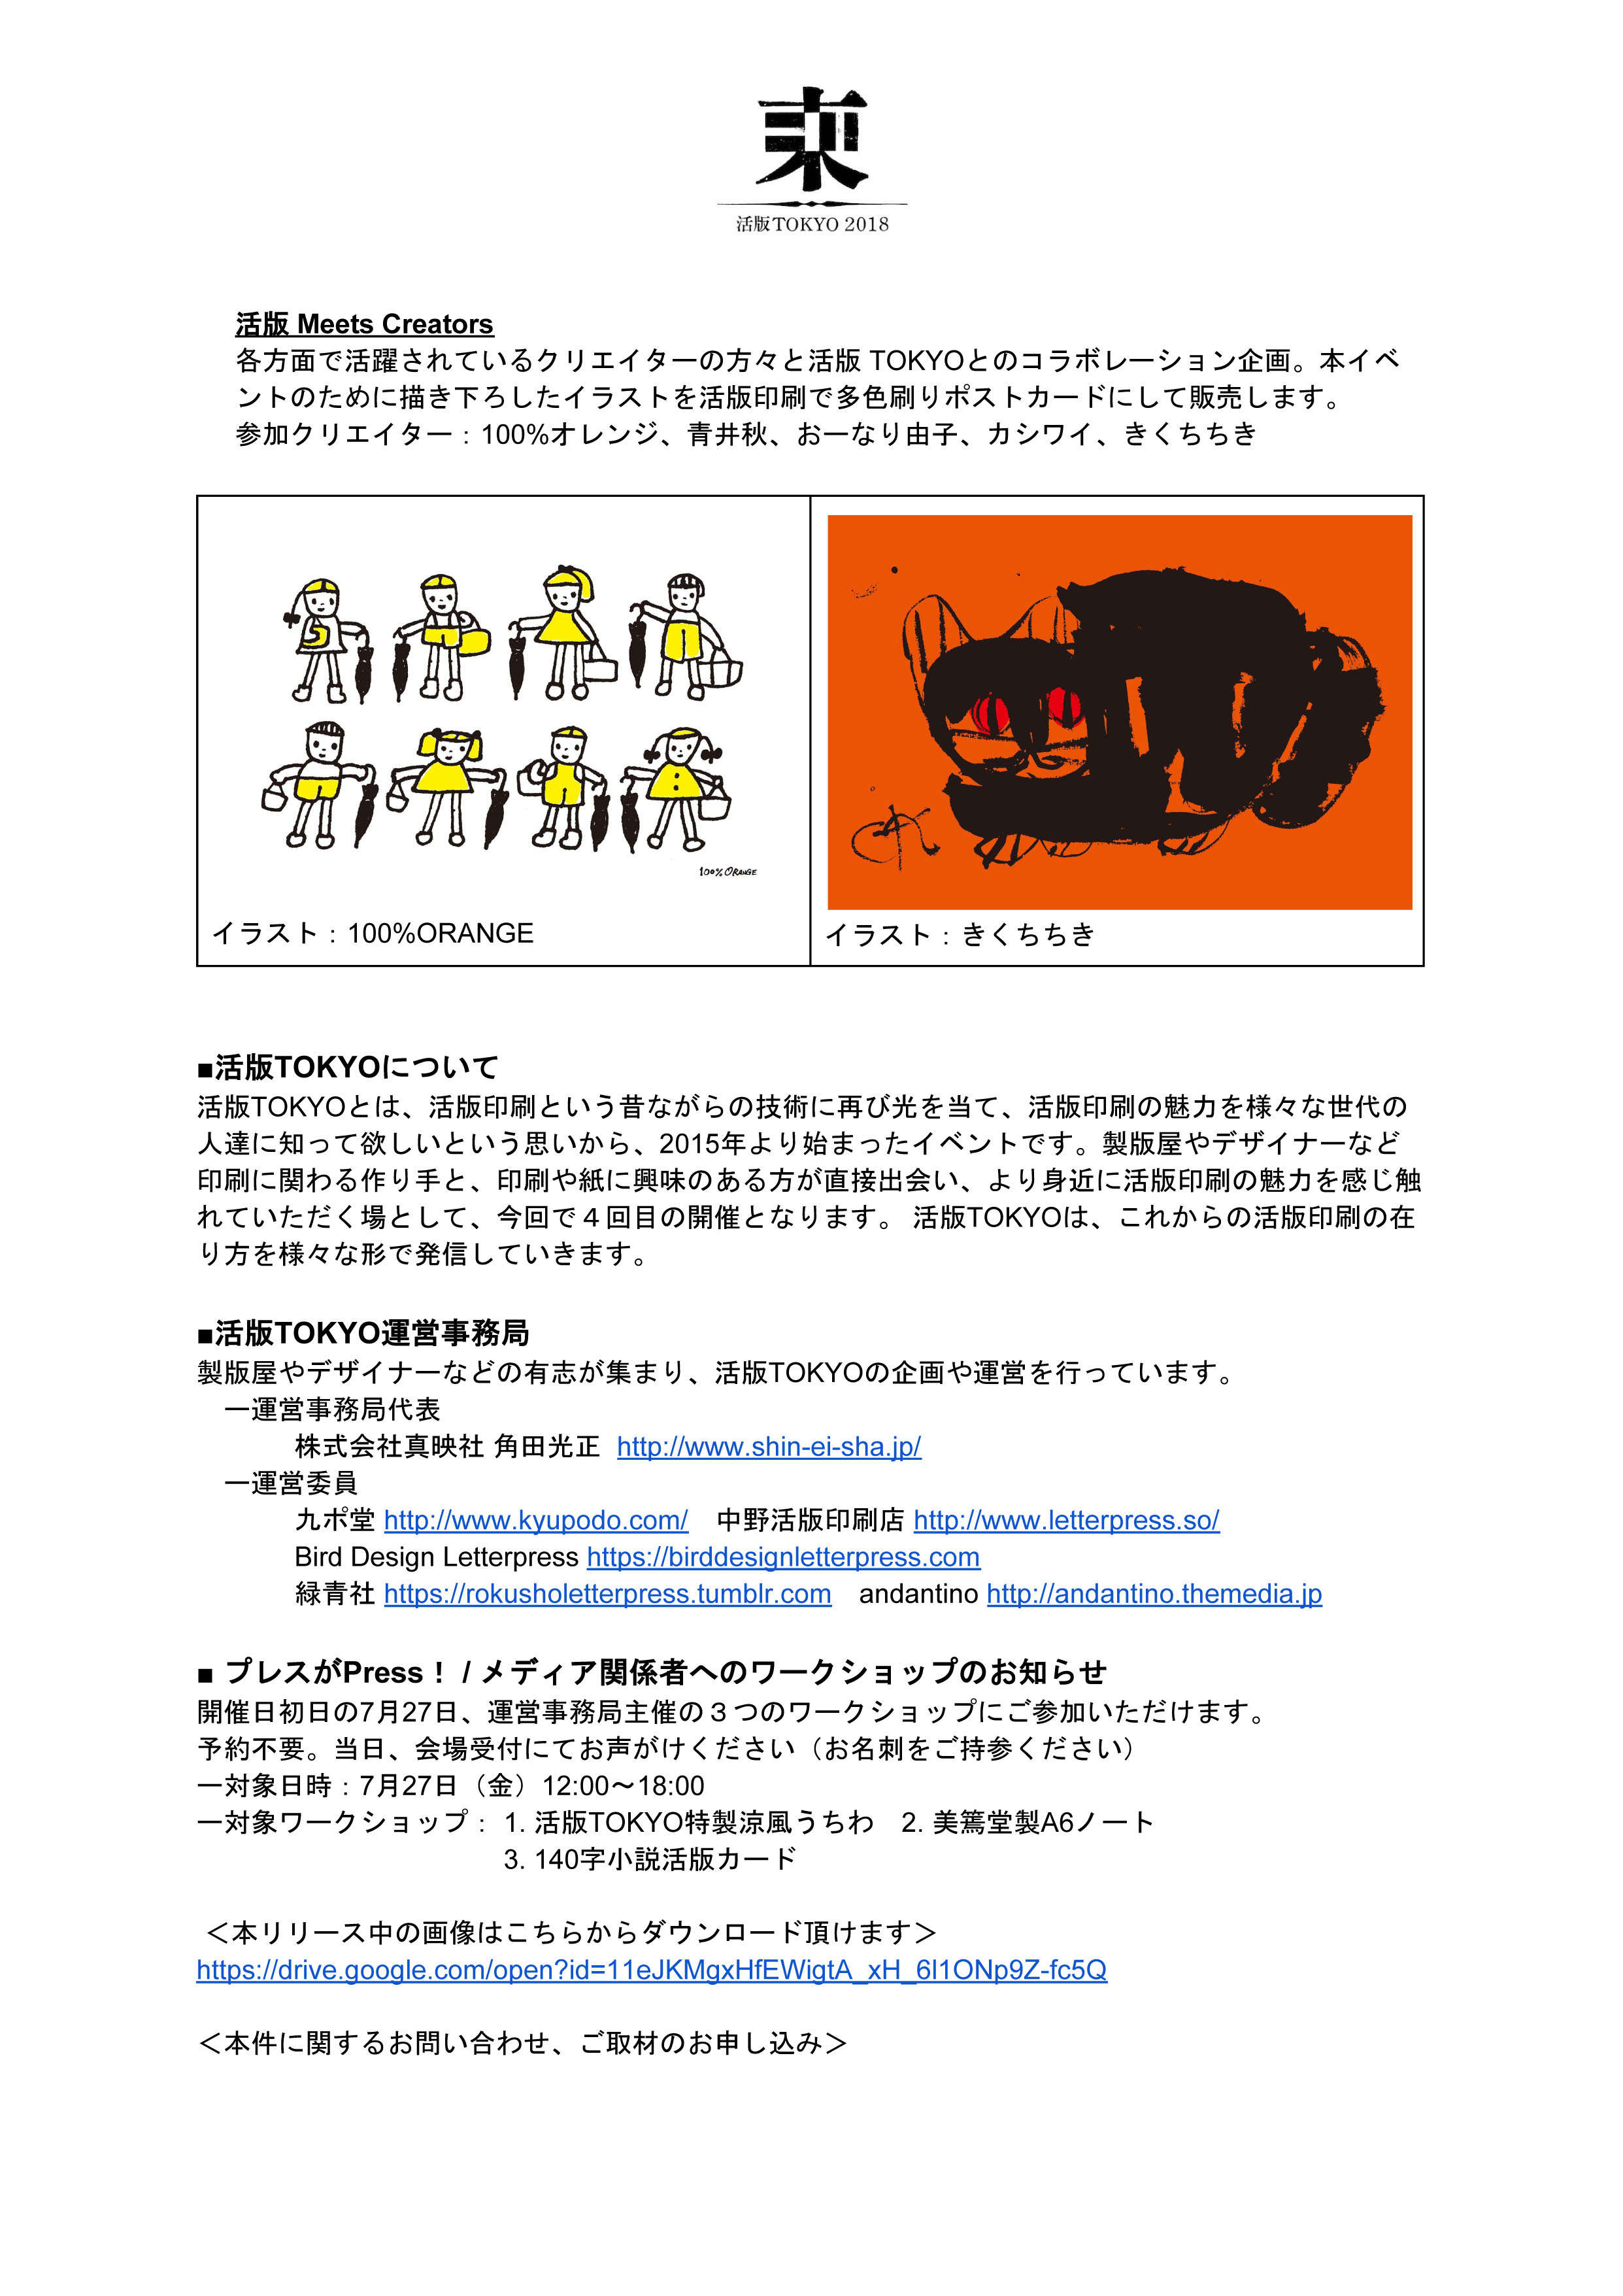 活版TOKYO2018プレスリリース3ページ